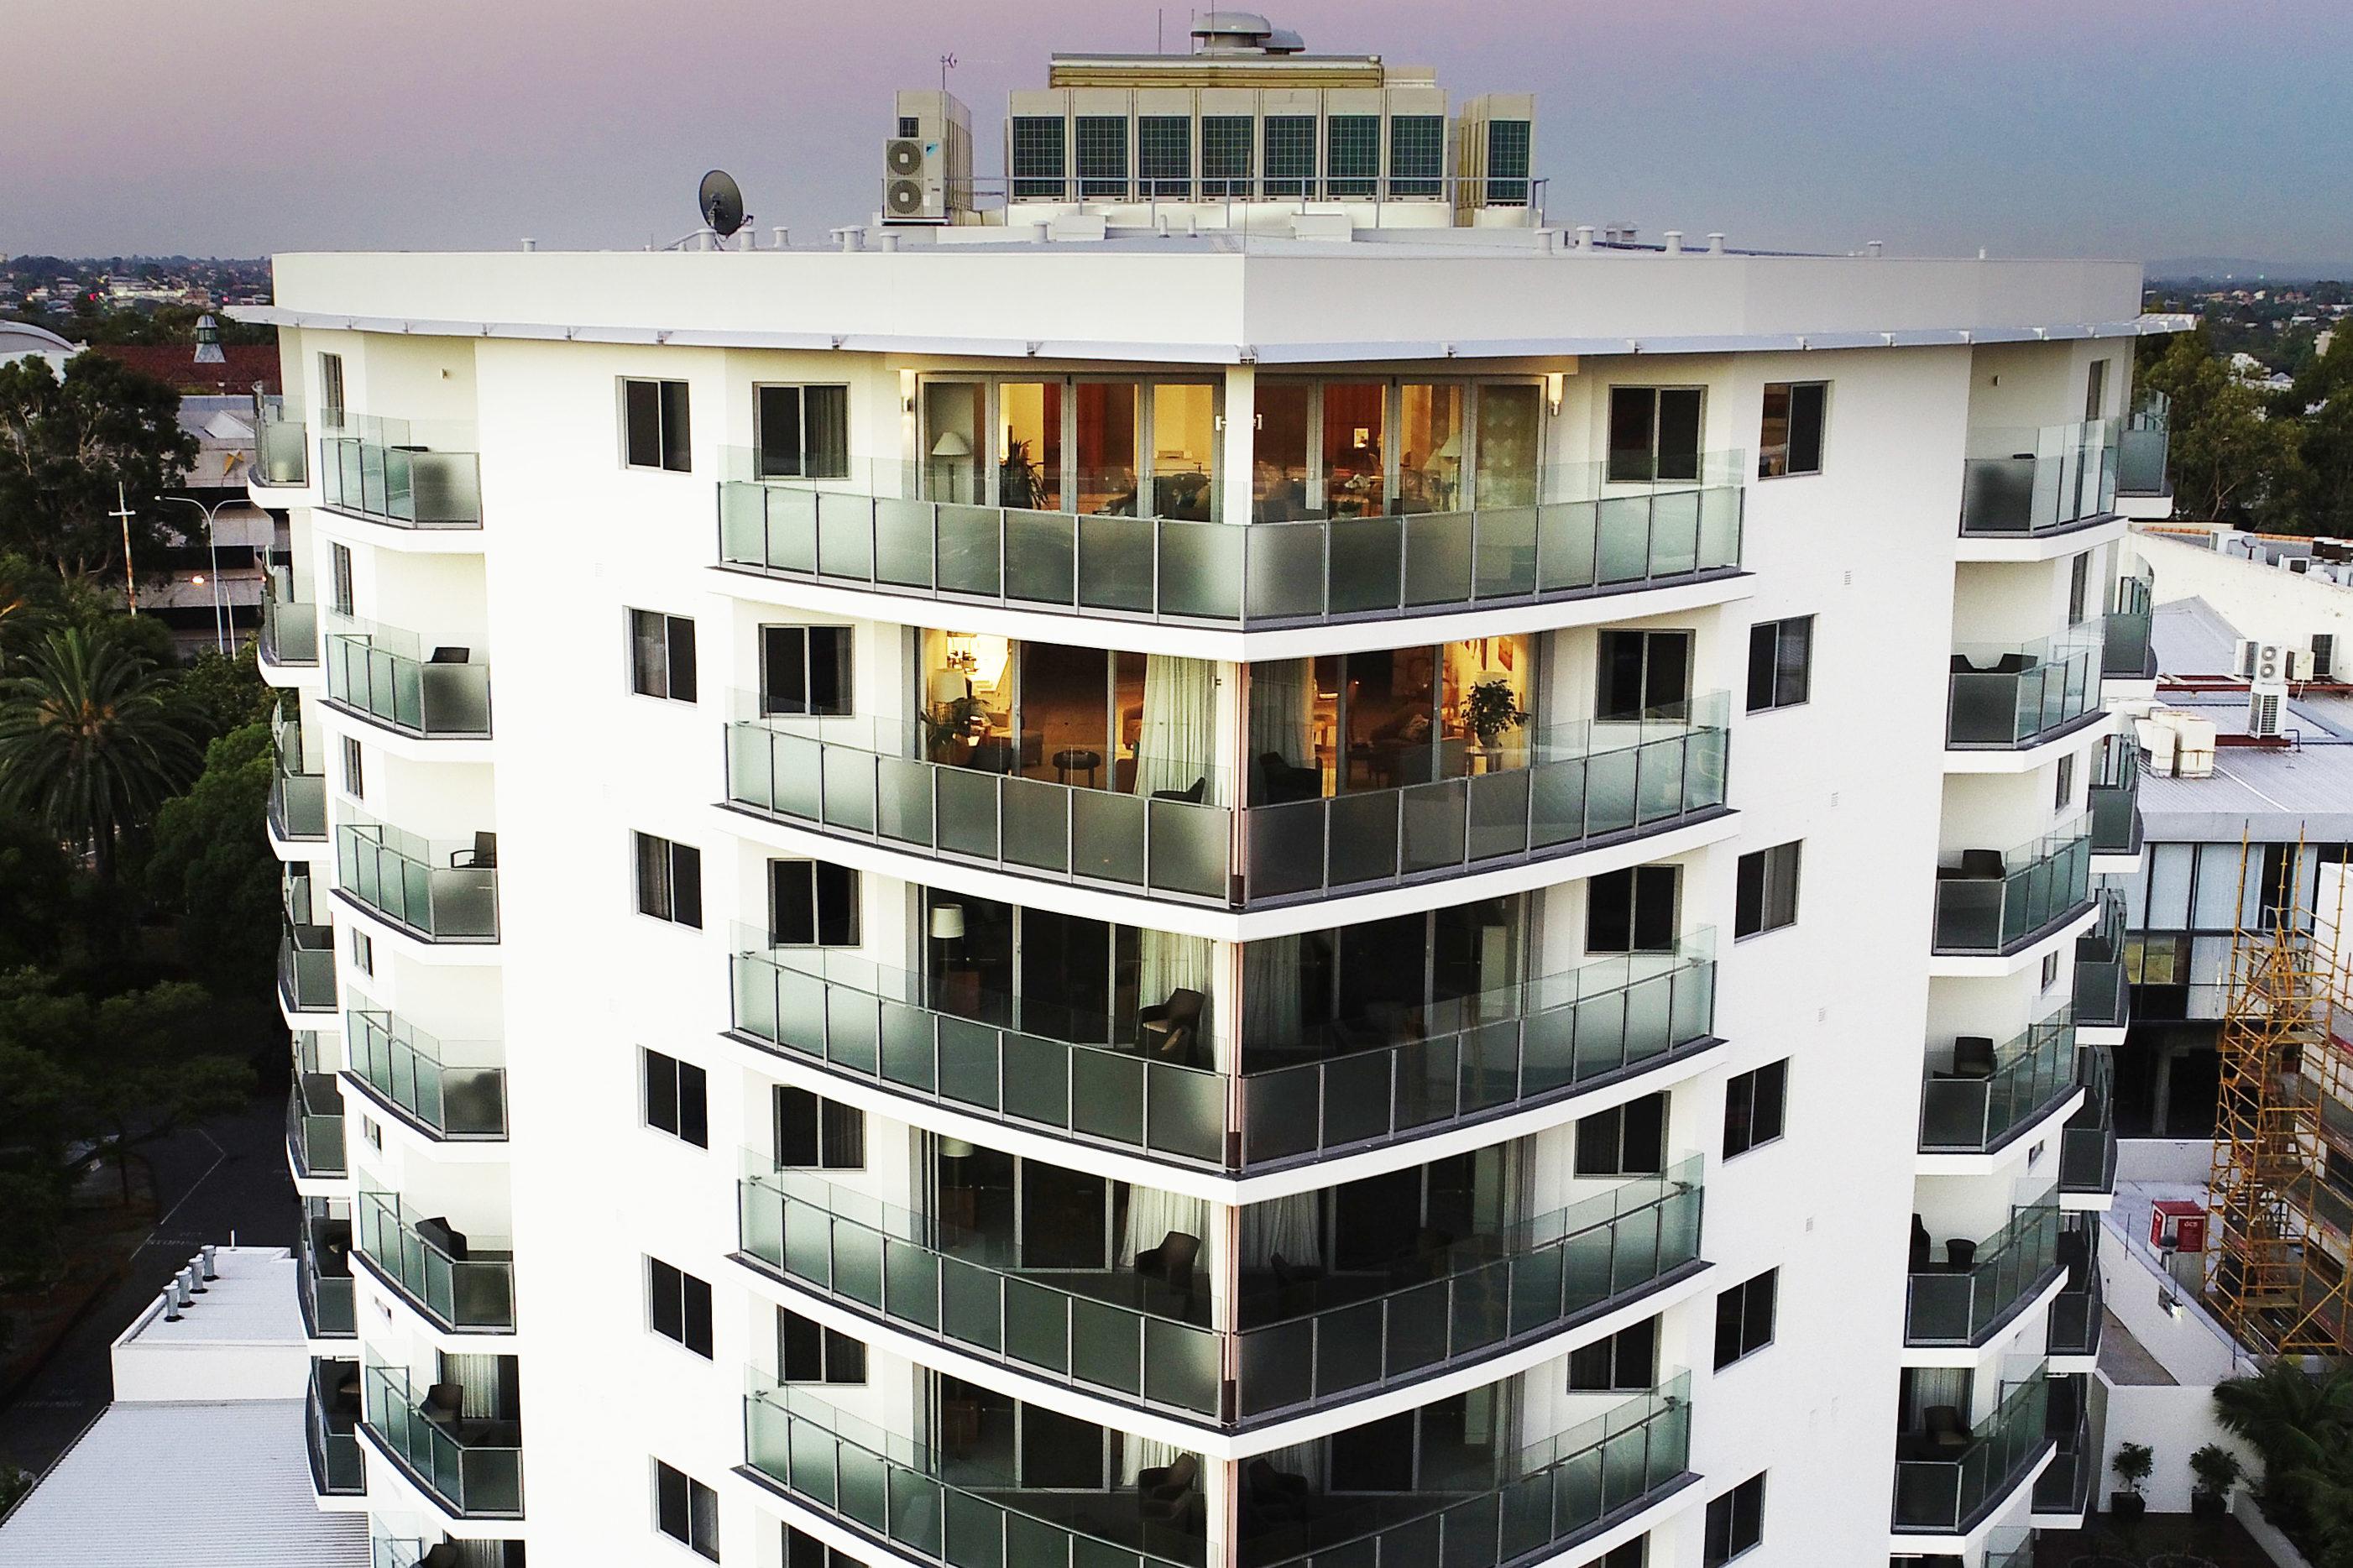 The Richardson hotel